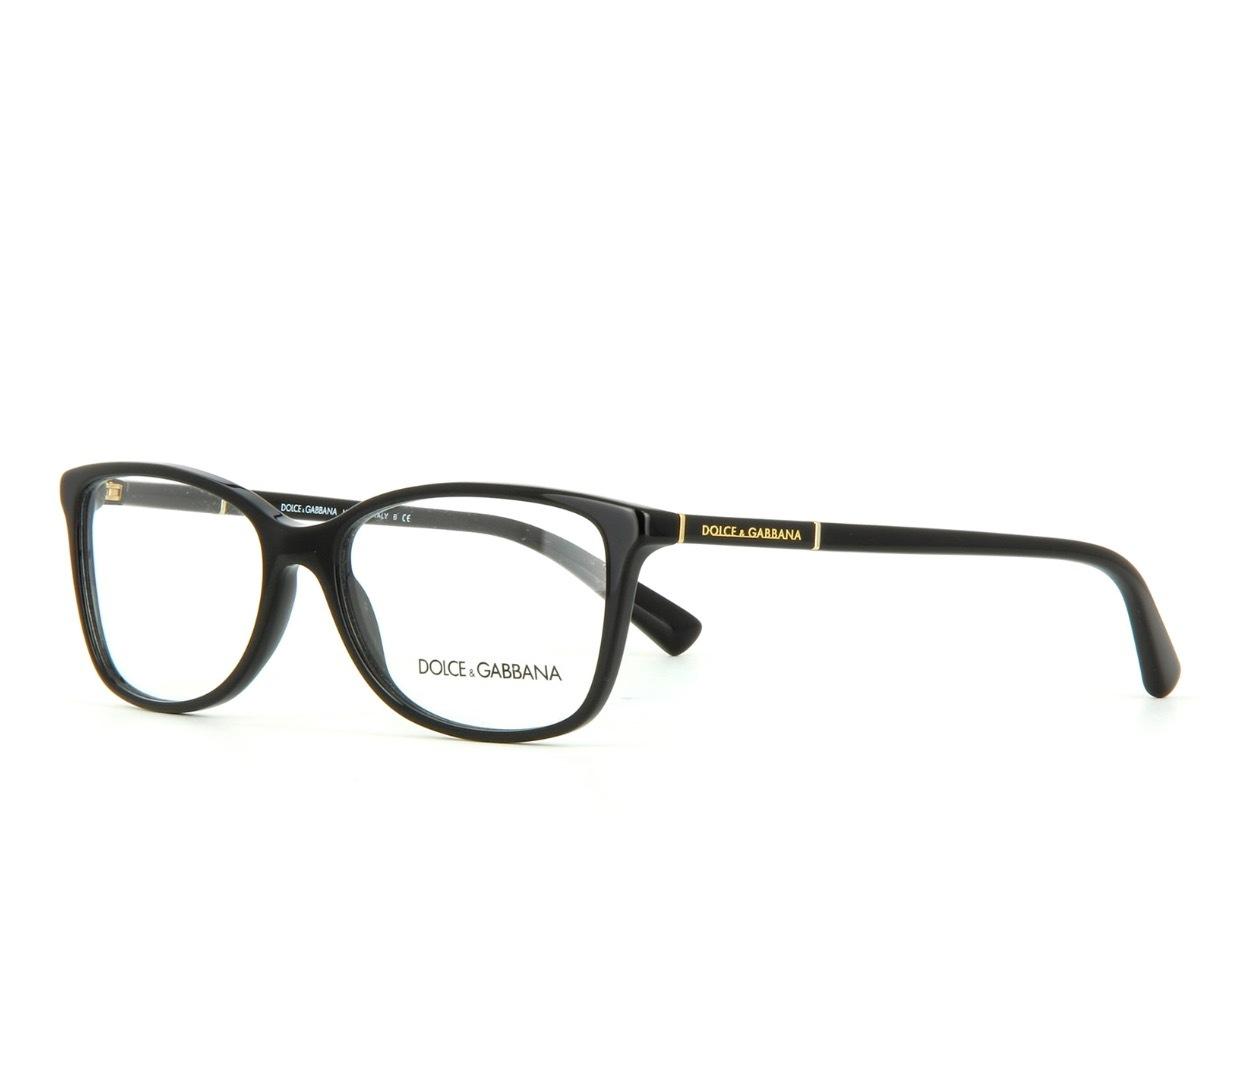 609d7be0f64 Fullsizerender 14. Fullsizerender 14. Previous. DOLCE   GABBANA DG3219 501  Black Eyeglass Frame 53mm